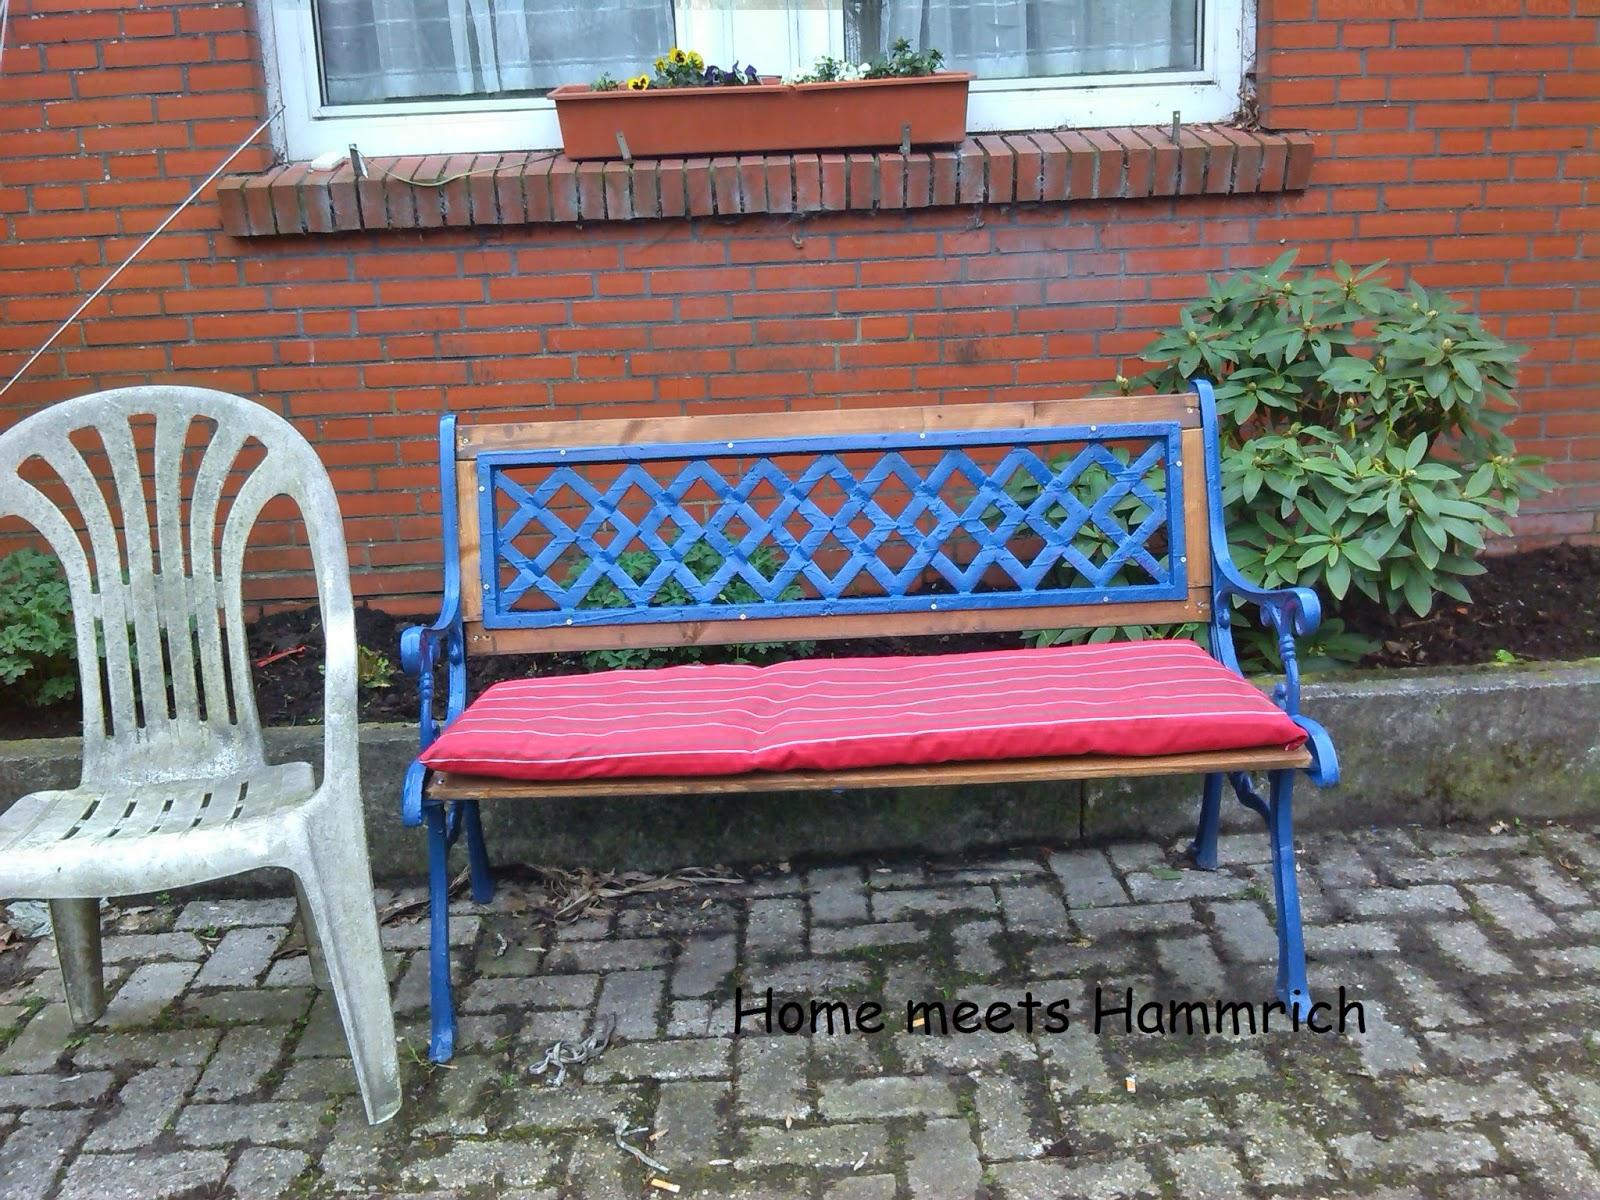 home meets hammrich sitzkissen f r gartenst hle und. Black Bedroom Furniture Sets. Home Design Ideas